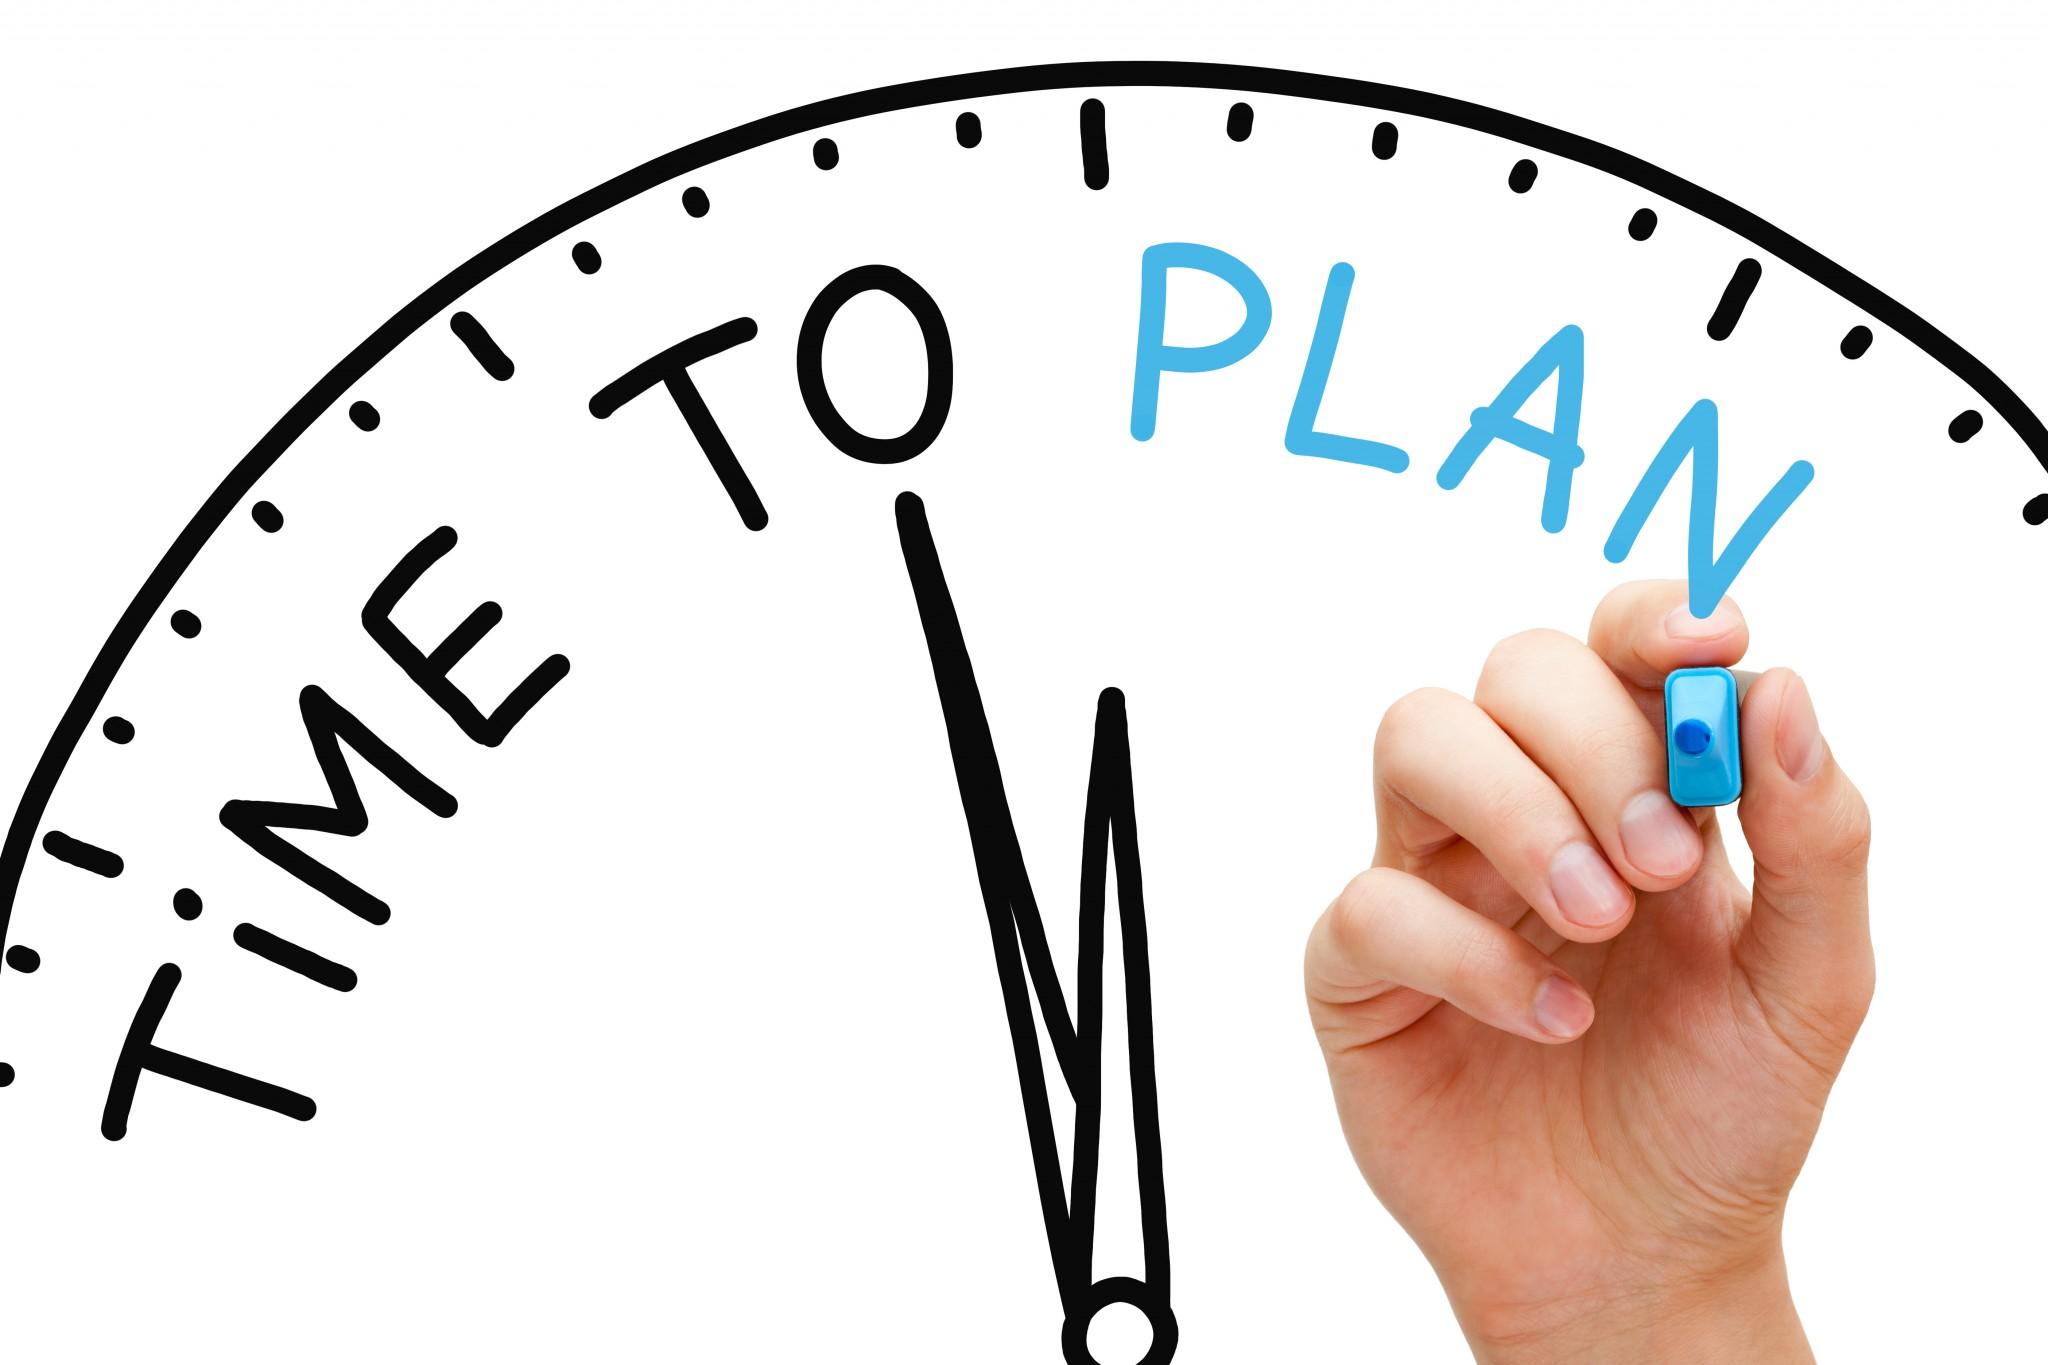 Plan Yapmak = Zamanı Doğru Kullanmak - Martı Dergisi